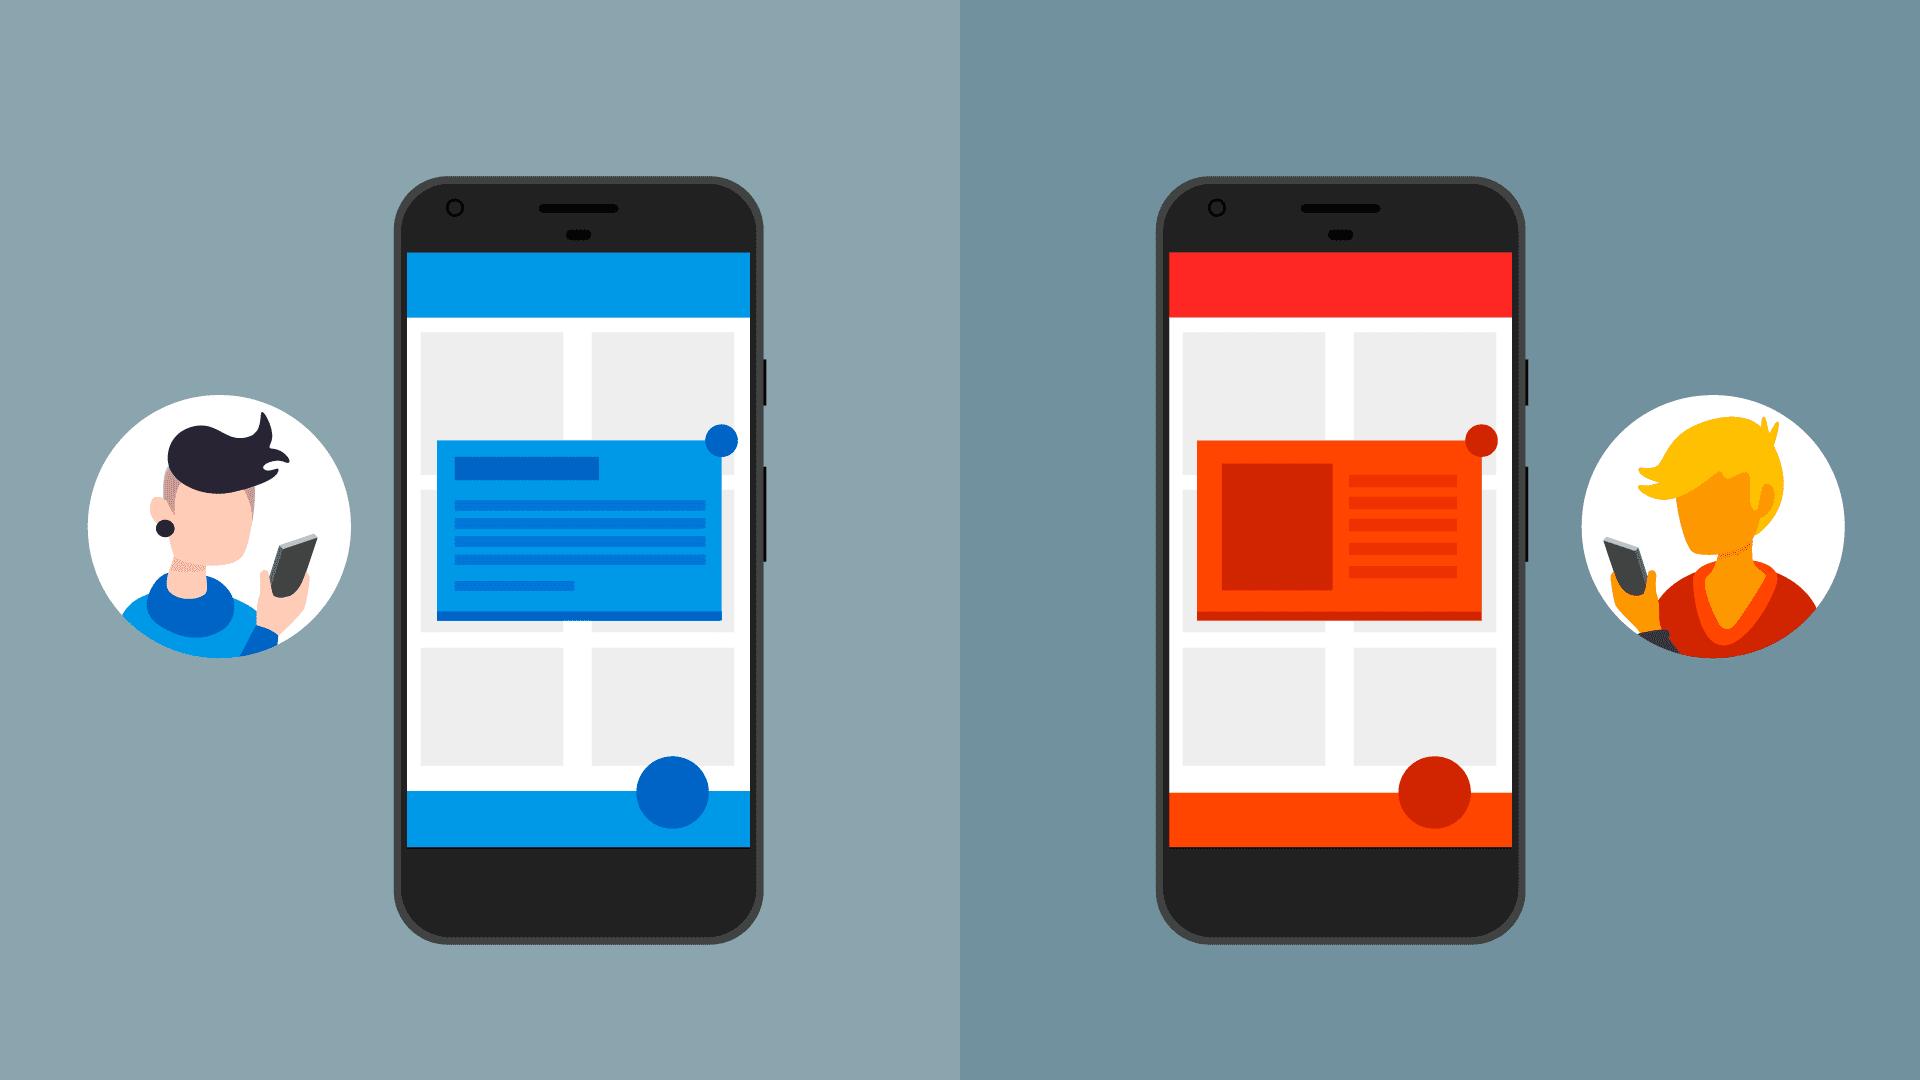 دو پیام درون برنامه ای با سبک های مختلف